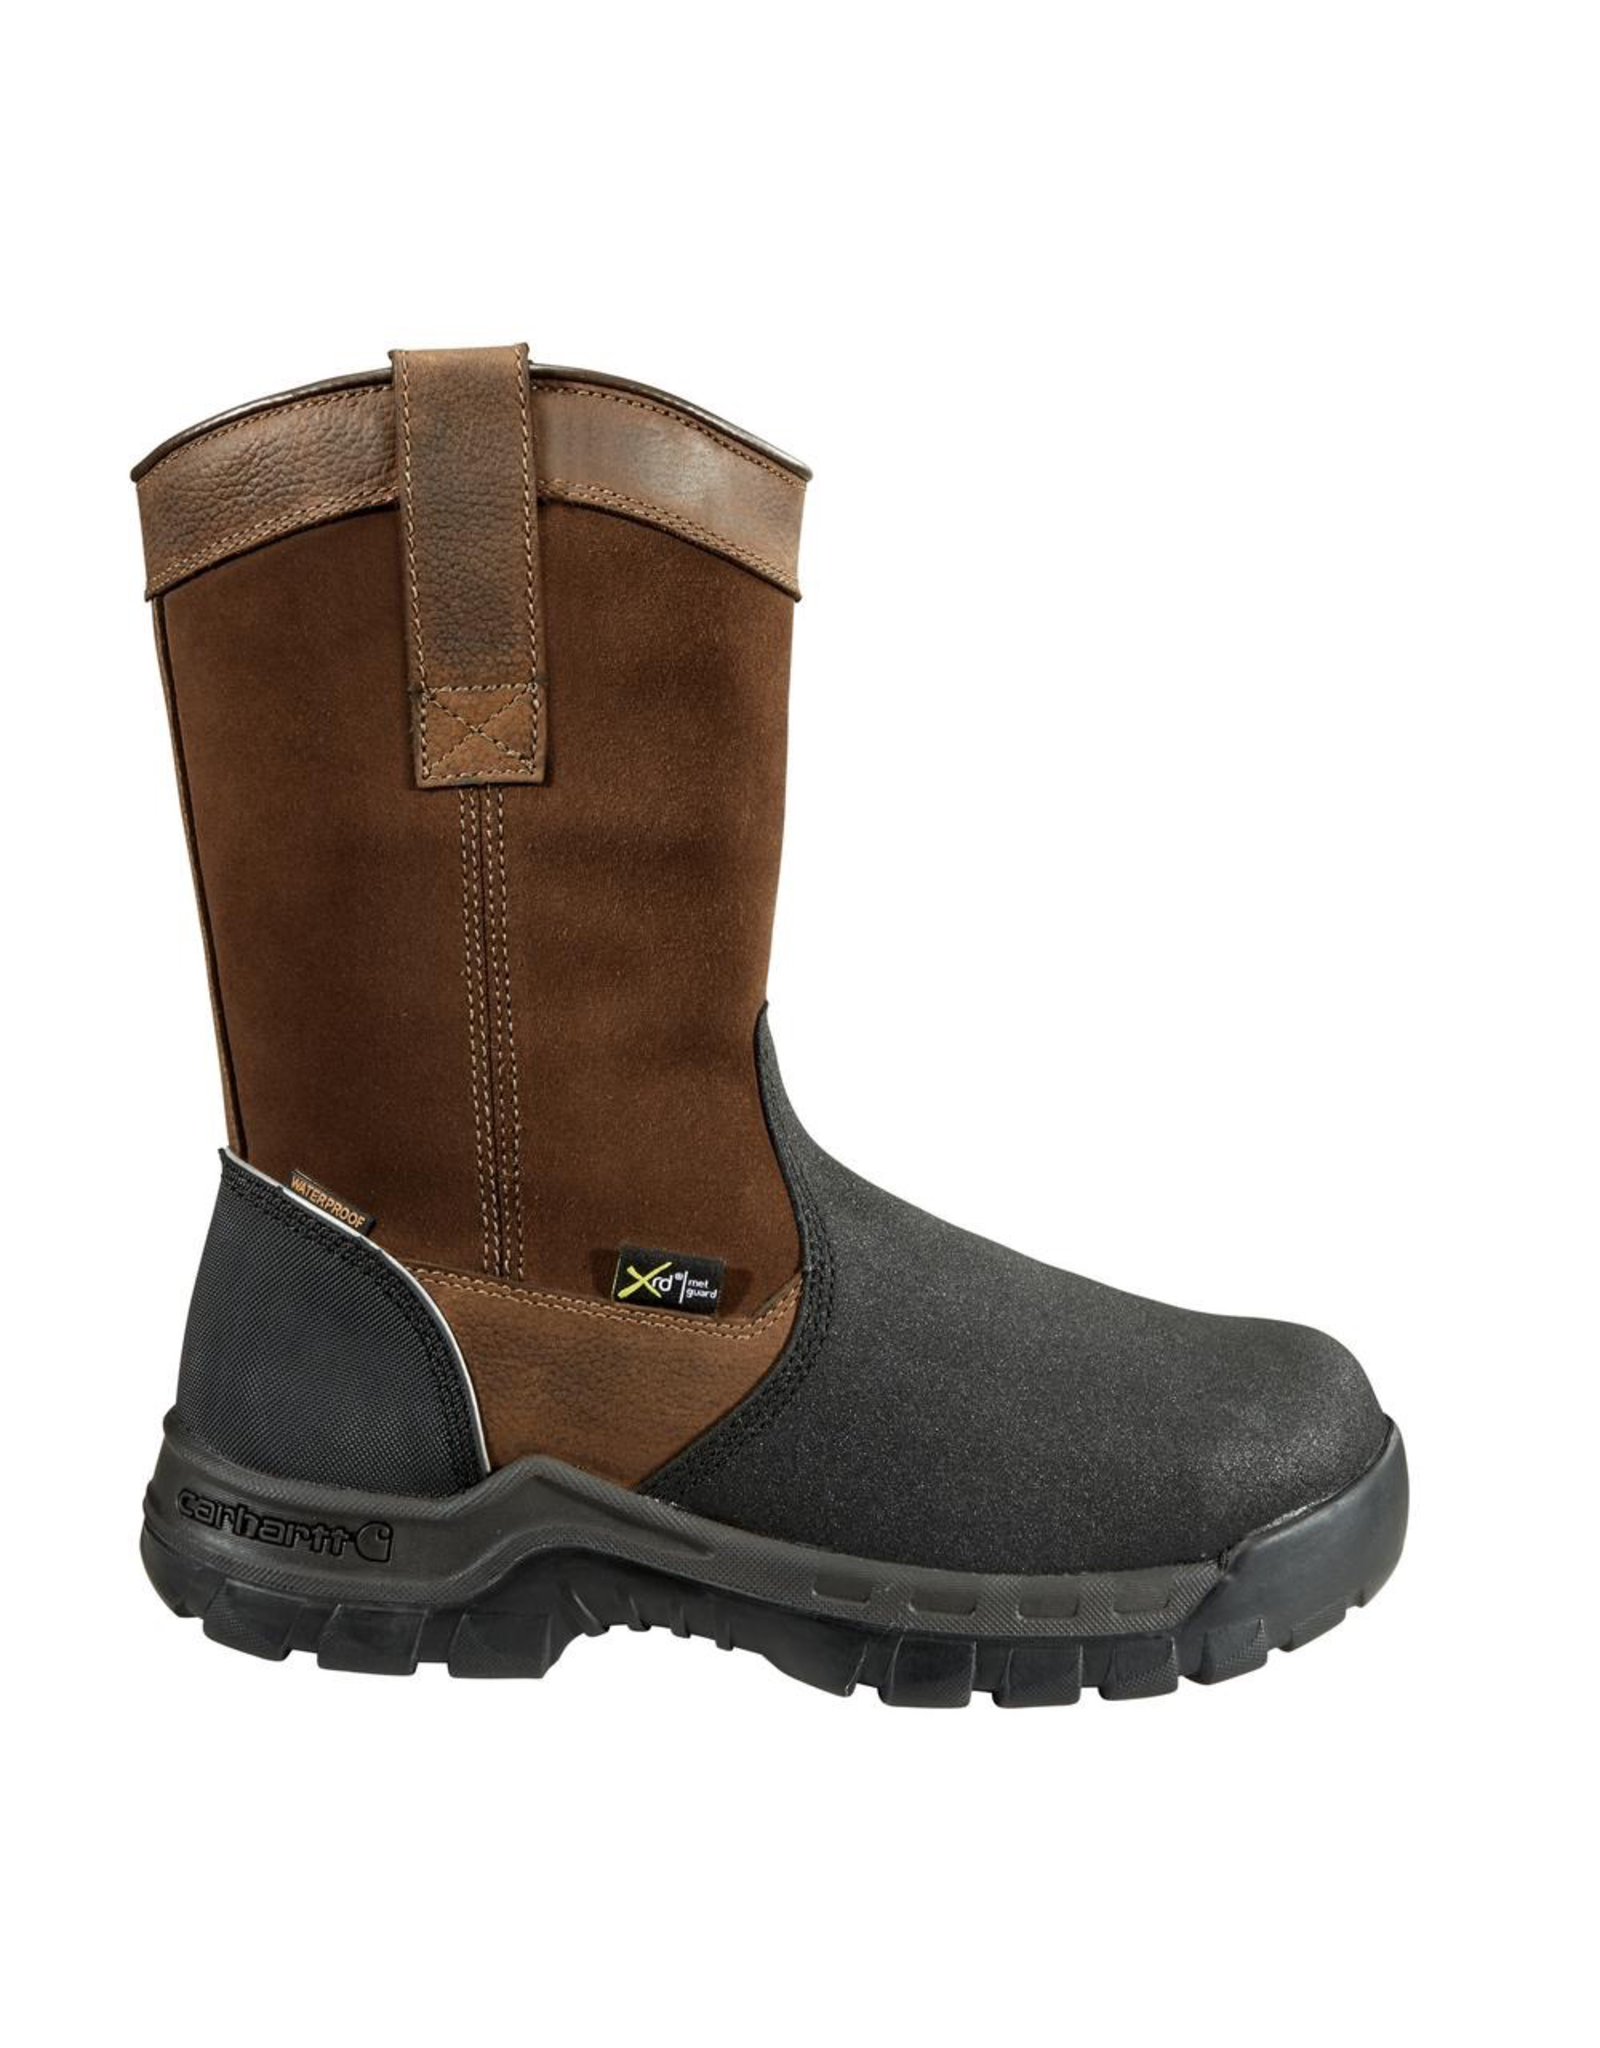 Boots-Men CARHARTT CMF1721